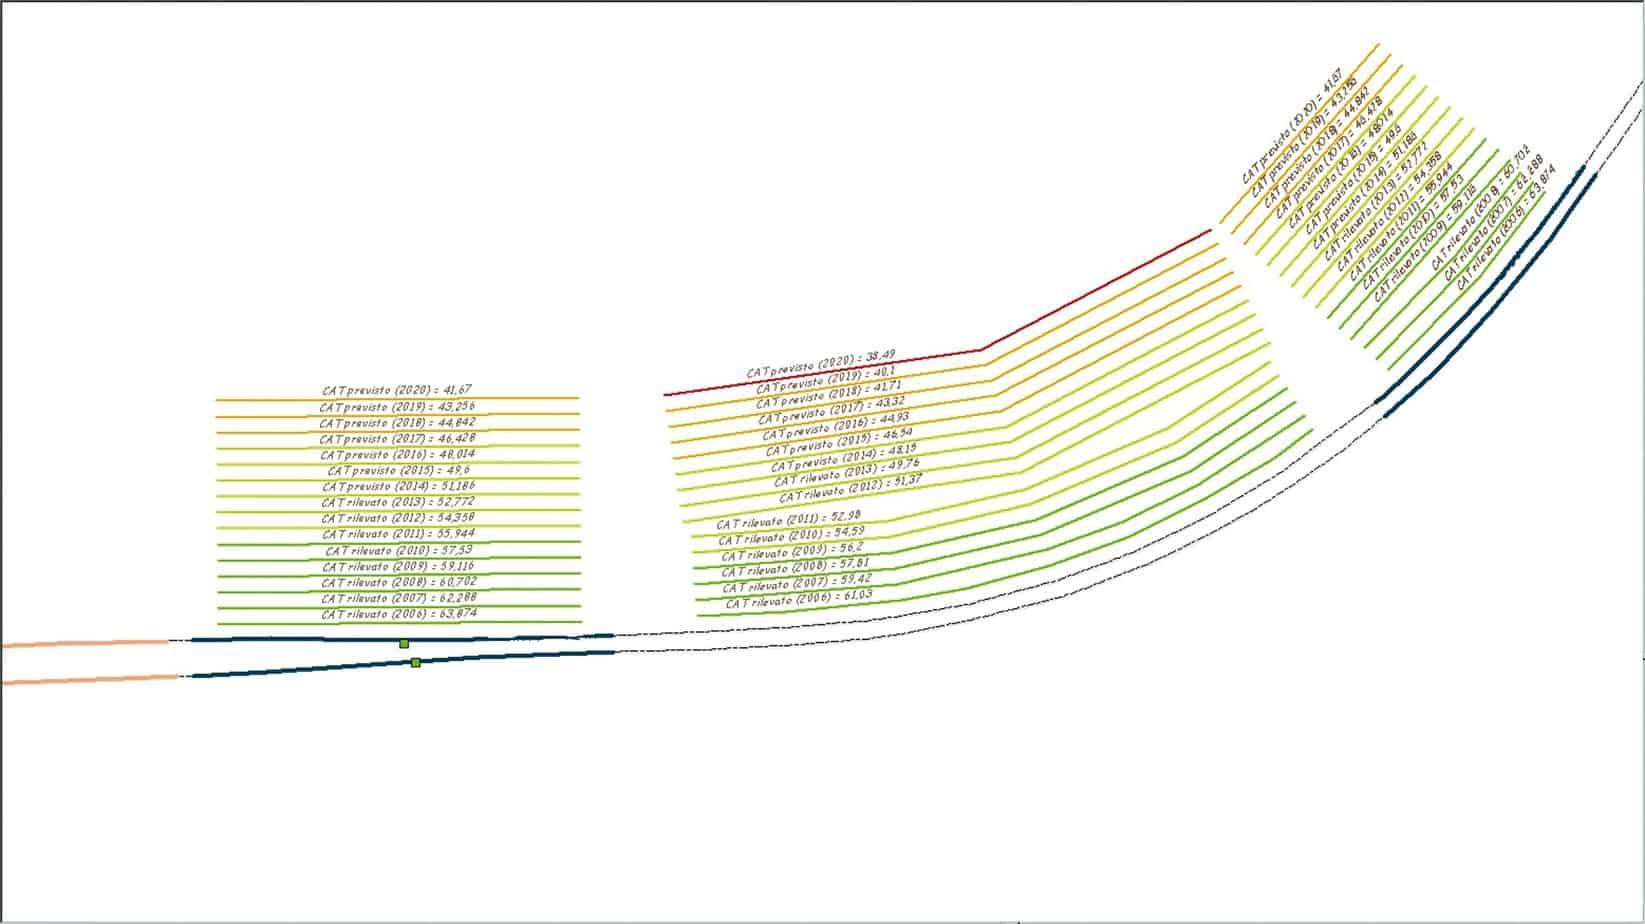 La rappresentazione su GIS dell'evoluzione del parametro aderenza